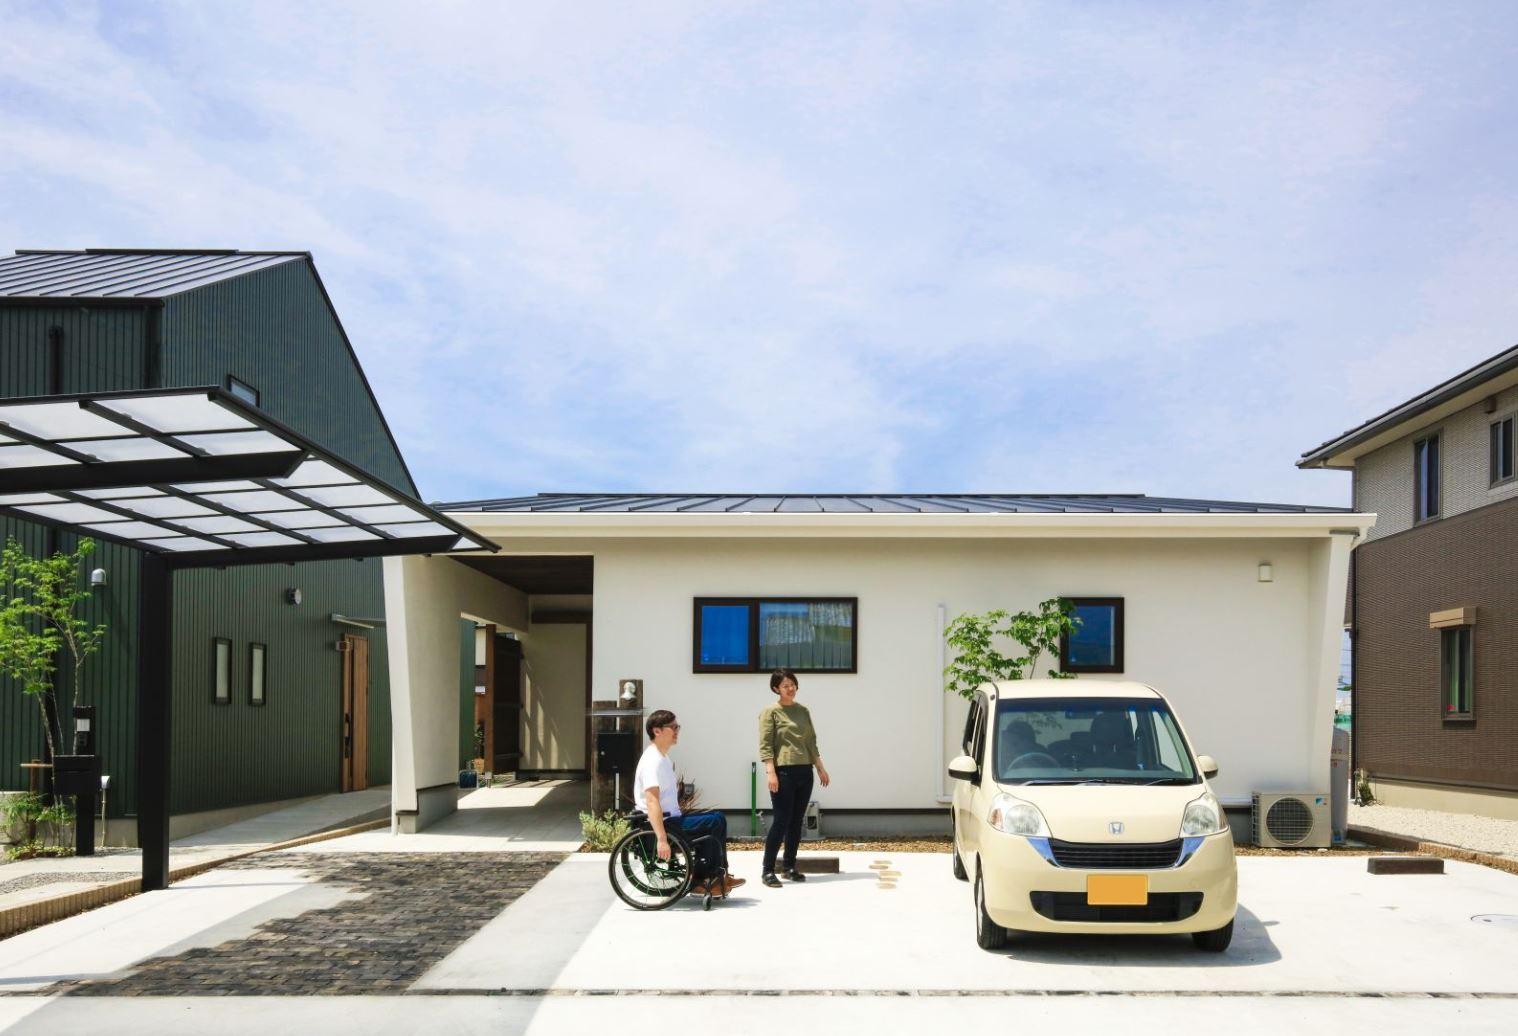 アイジースタイルハウス【自然素材、間取り、平屋】約80坪のゆったりとした敷地に完成した平屋のN邸。やさしくて爽やかな印象を与える白い外壁は、遮熱効果の高い塗り壁を採用